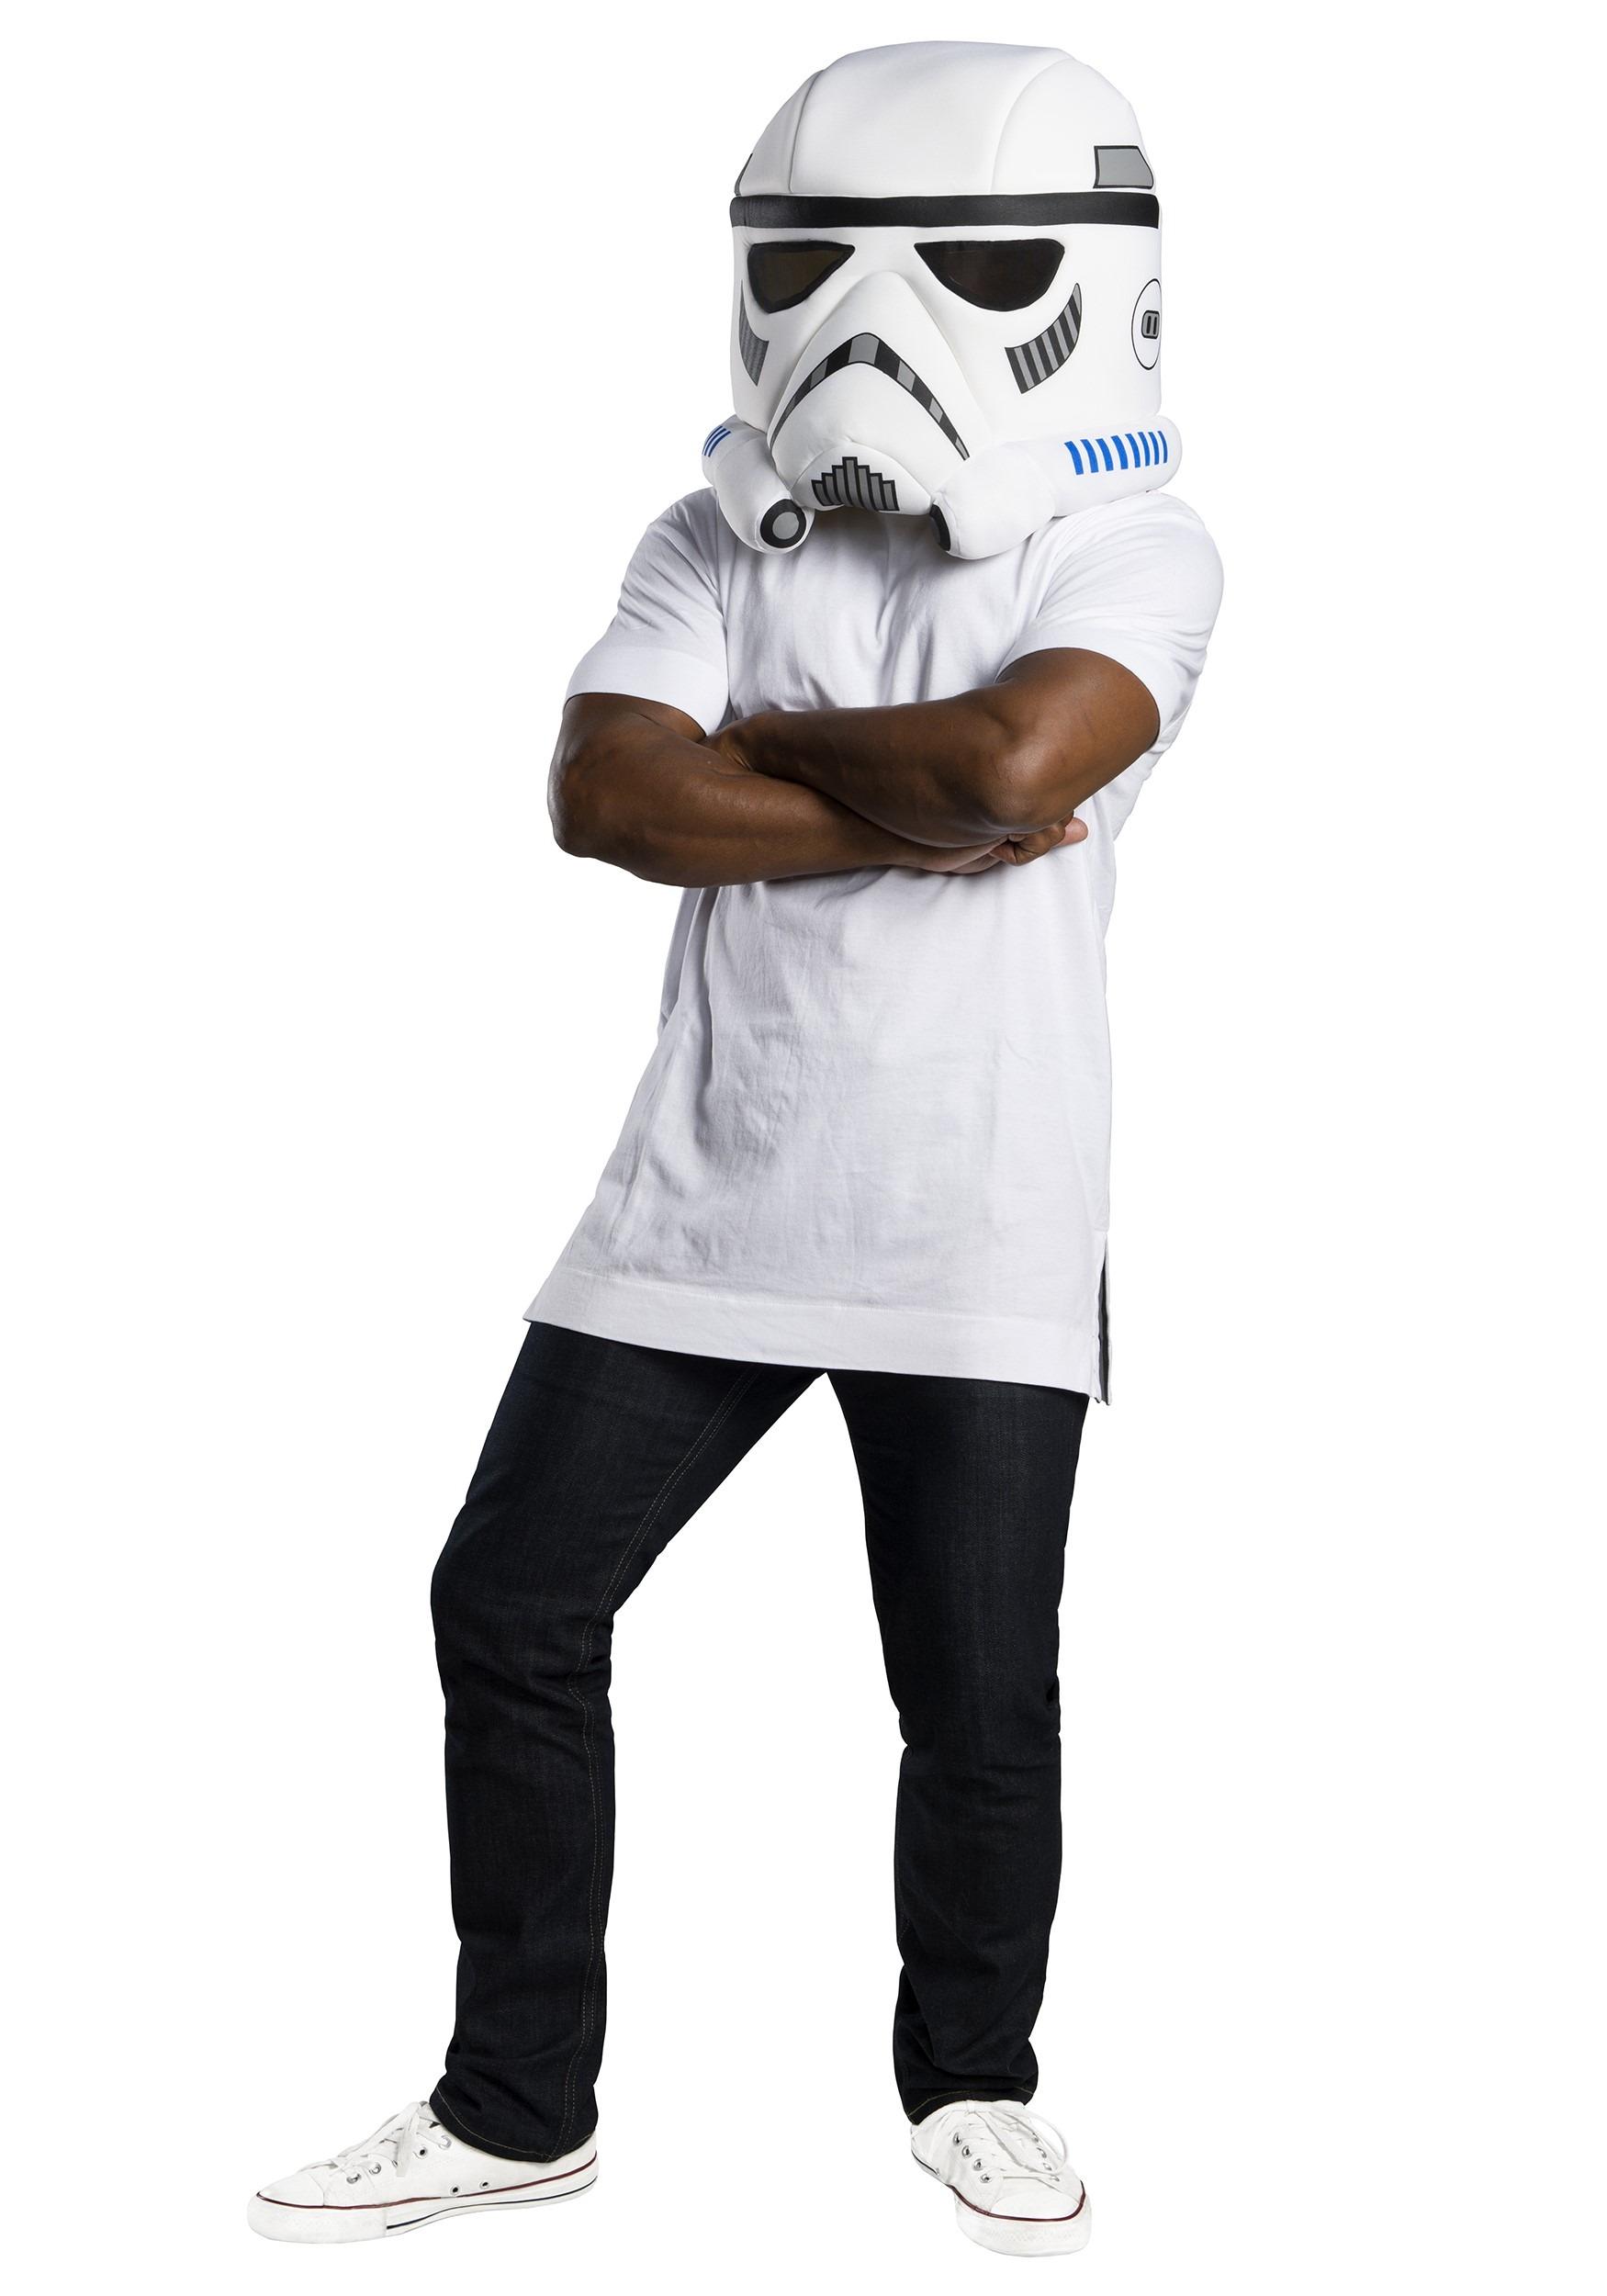 Star Wars Oversized Stormtrooper Foam Helmet for Adults